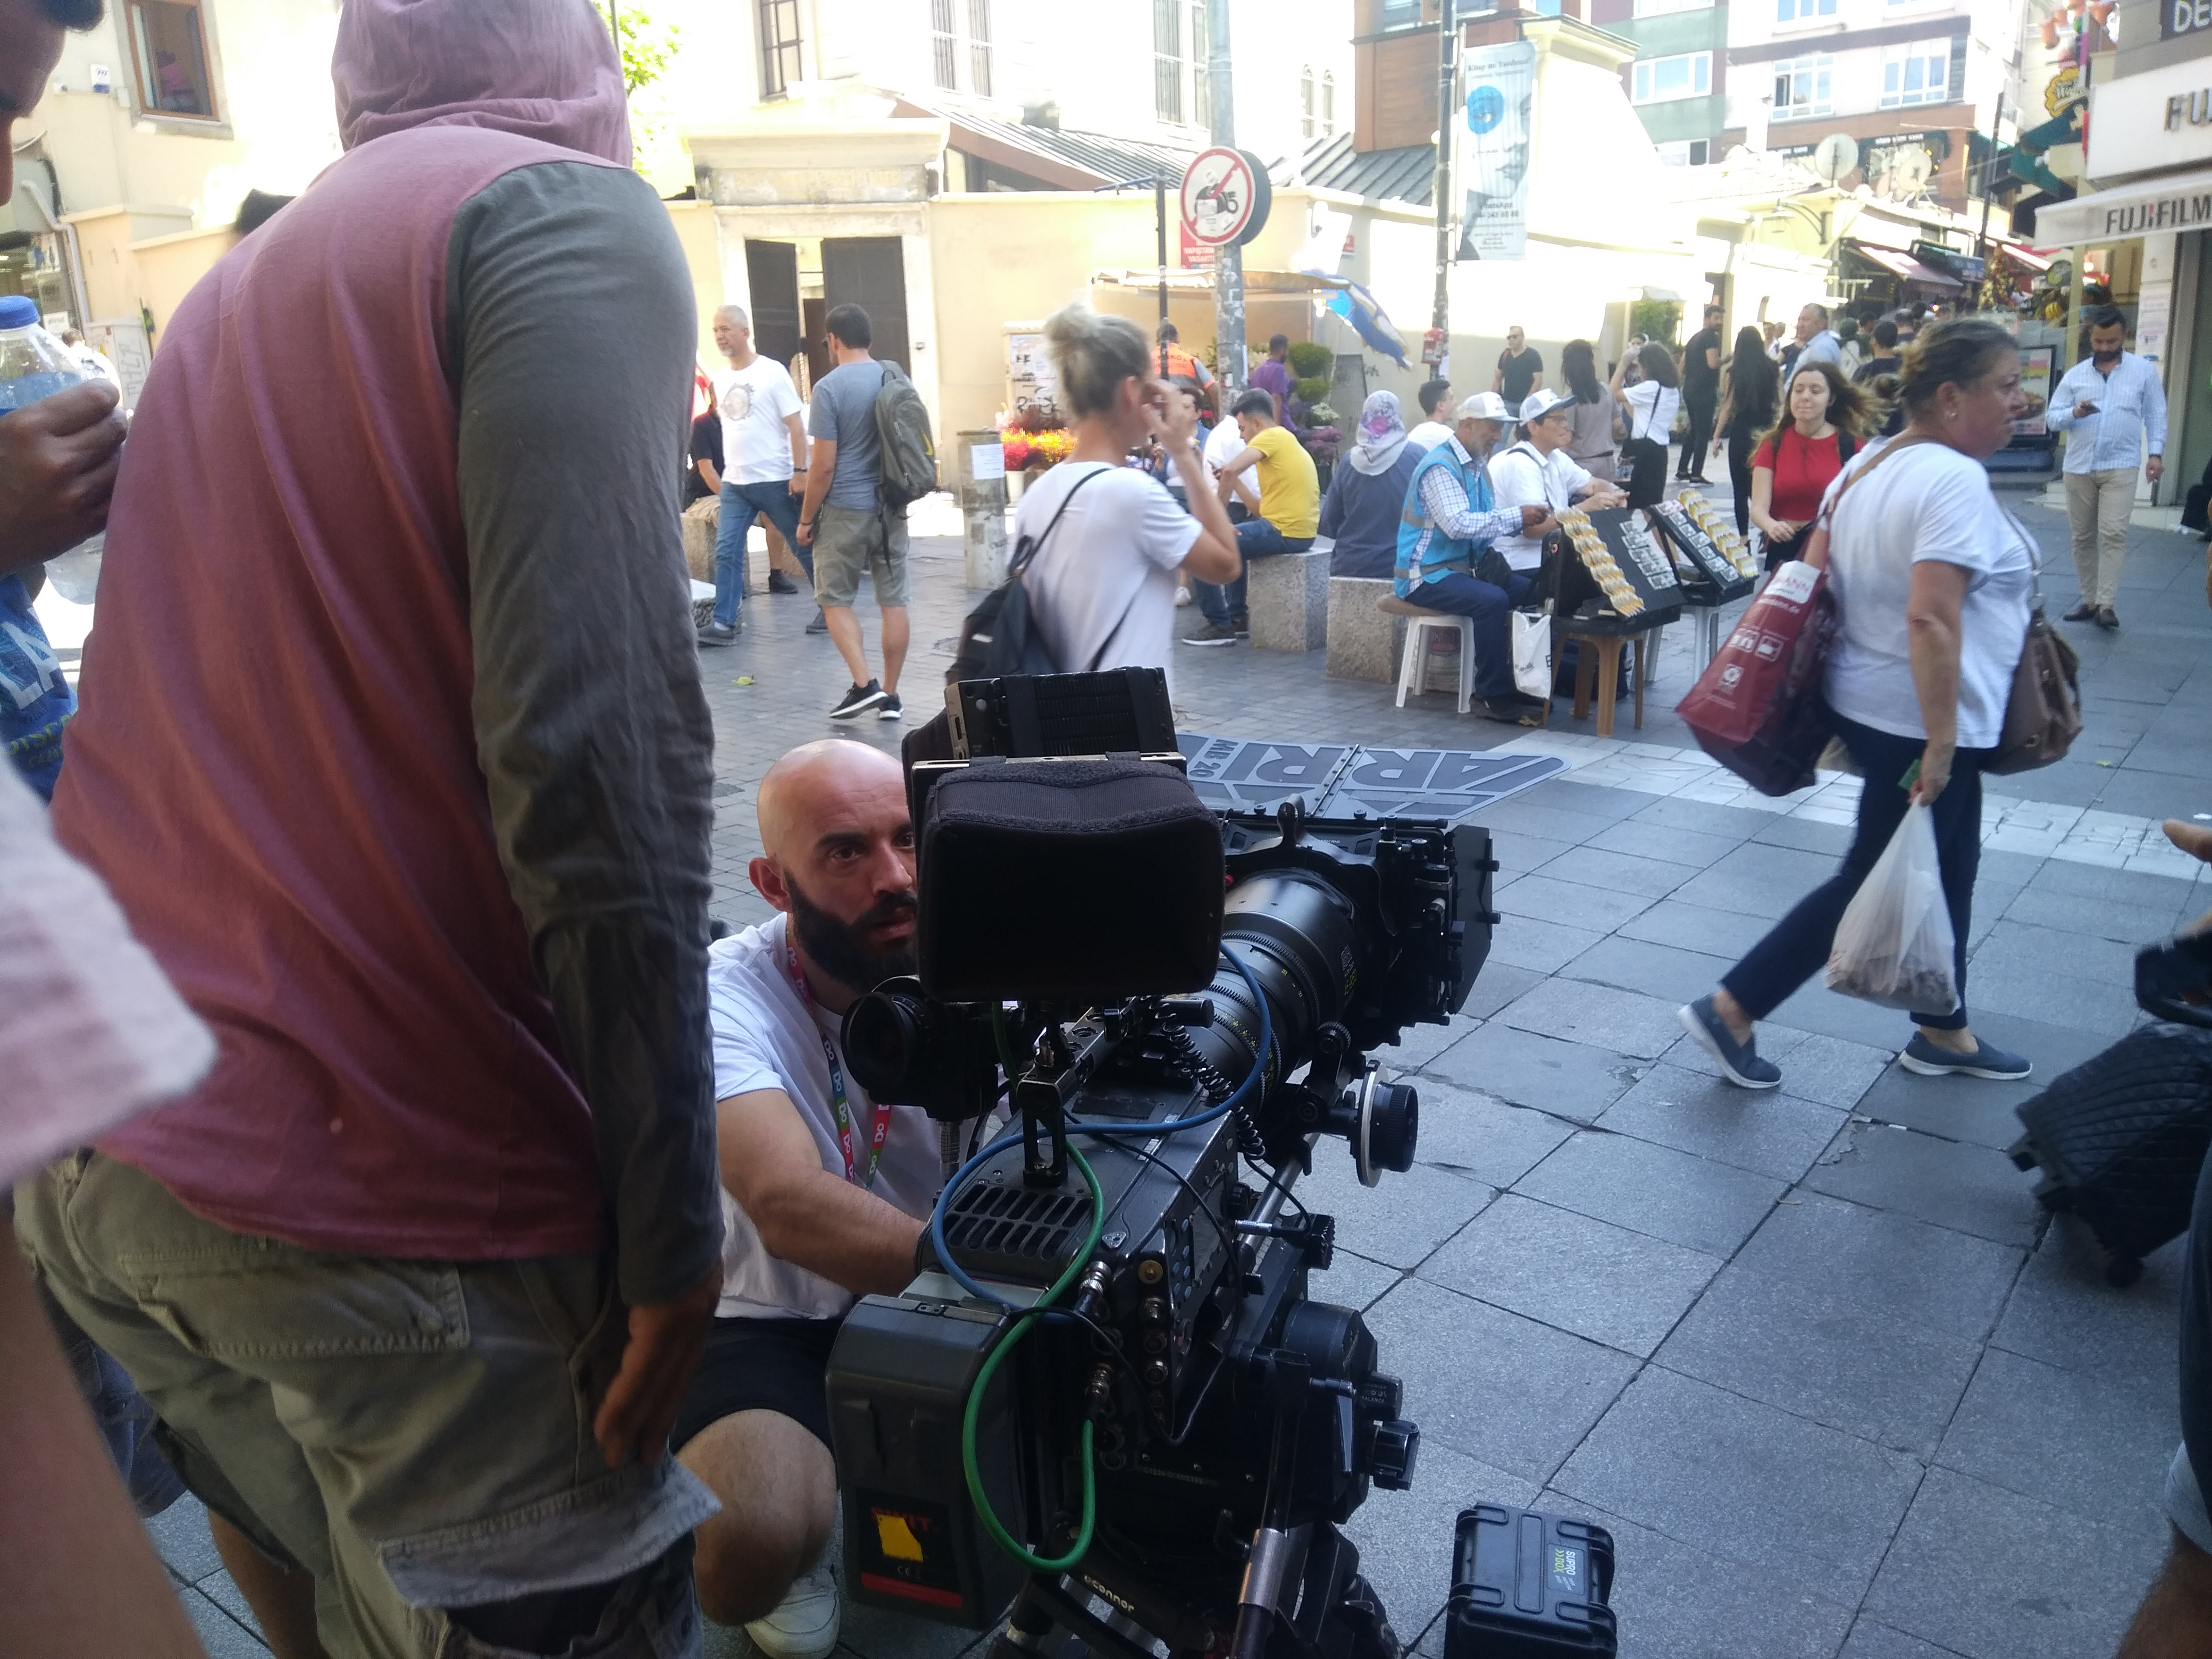 Kadıköy Tarihi Çarşı'da insan kalabılığı film çekimi oldu